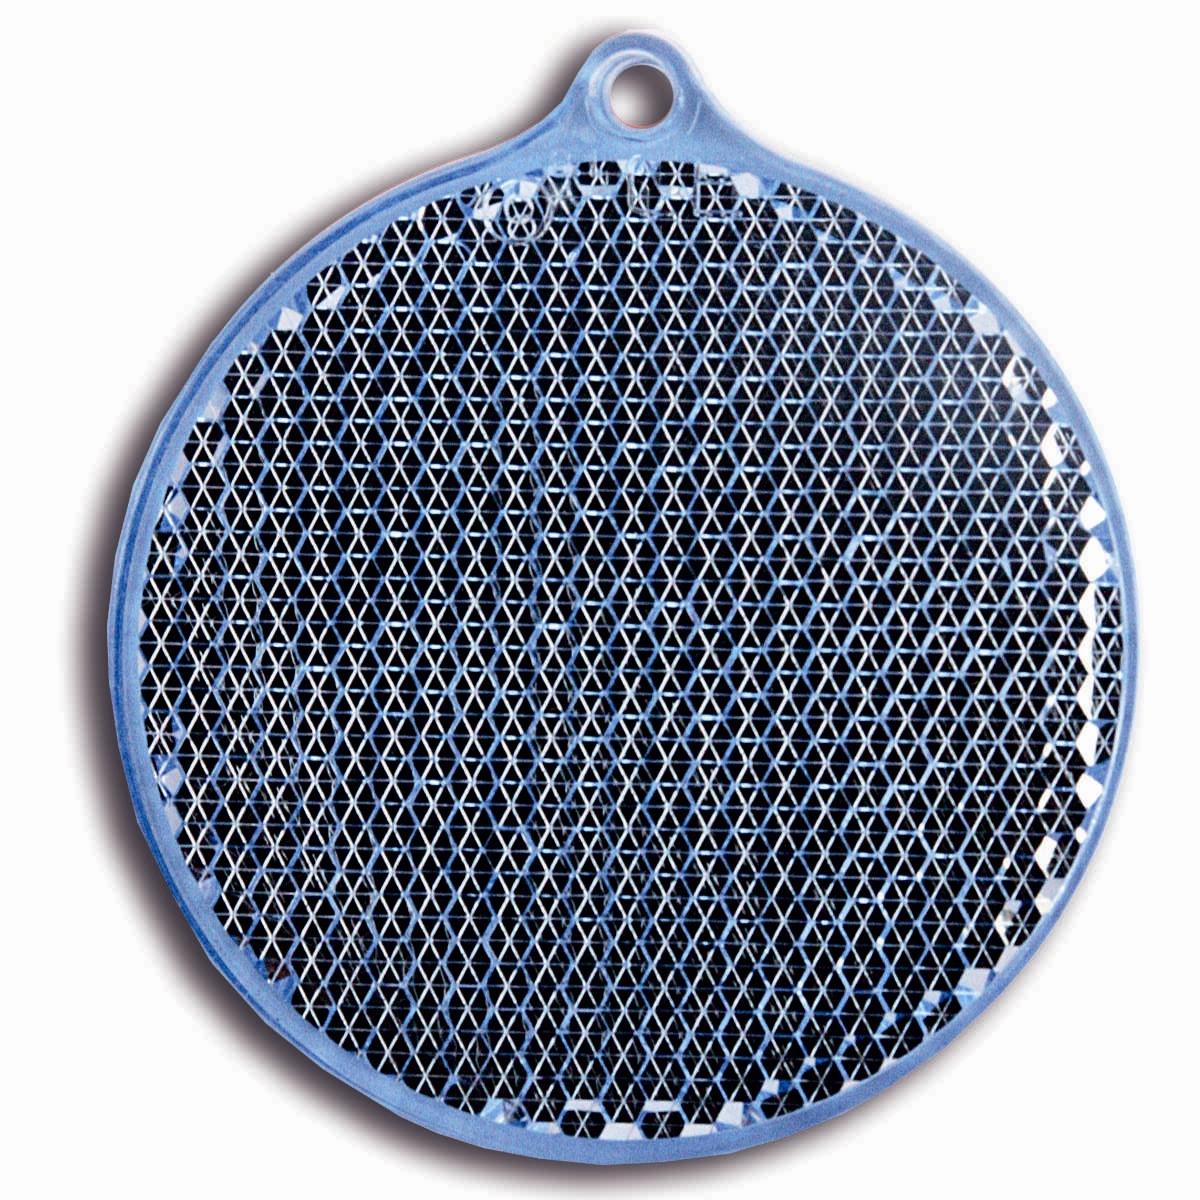 Световозвращатель пешеходный Coreflect Круг, цвет: синий118692Пешеходный светоотражатель — это серьезное средство безопасности на дороге. Использование светоотражателей позволяет в десятки раз сократить количество ДТП с участием пешеходов в темное время суток. Светоотражатель крепится на одежду и обладает способностью к направленному отражению светового потока. Благодаря такому отражению, водитель может вовремя заметить пешехода в темноте, даже если он стоит или двигается по обочине. А значит, он успеет среагировать и избежит возможного столкновения.